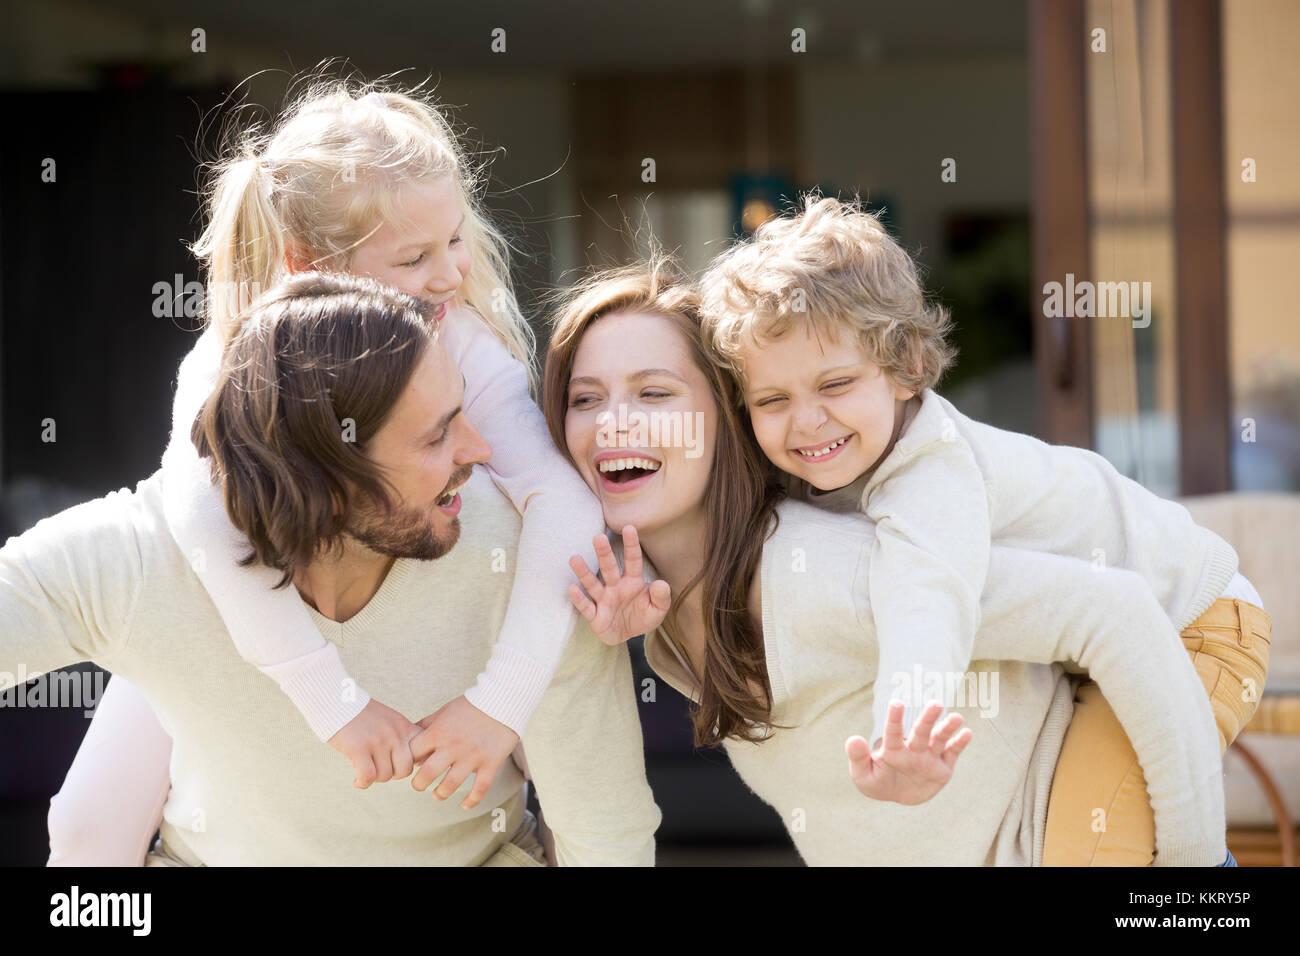 Glücklich lächelnde Eltern huckepack Sohn und Tochter, Familie leis Stockbild